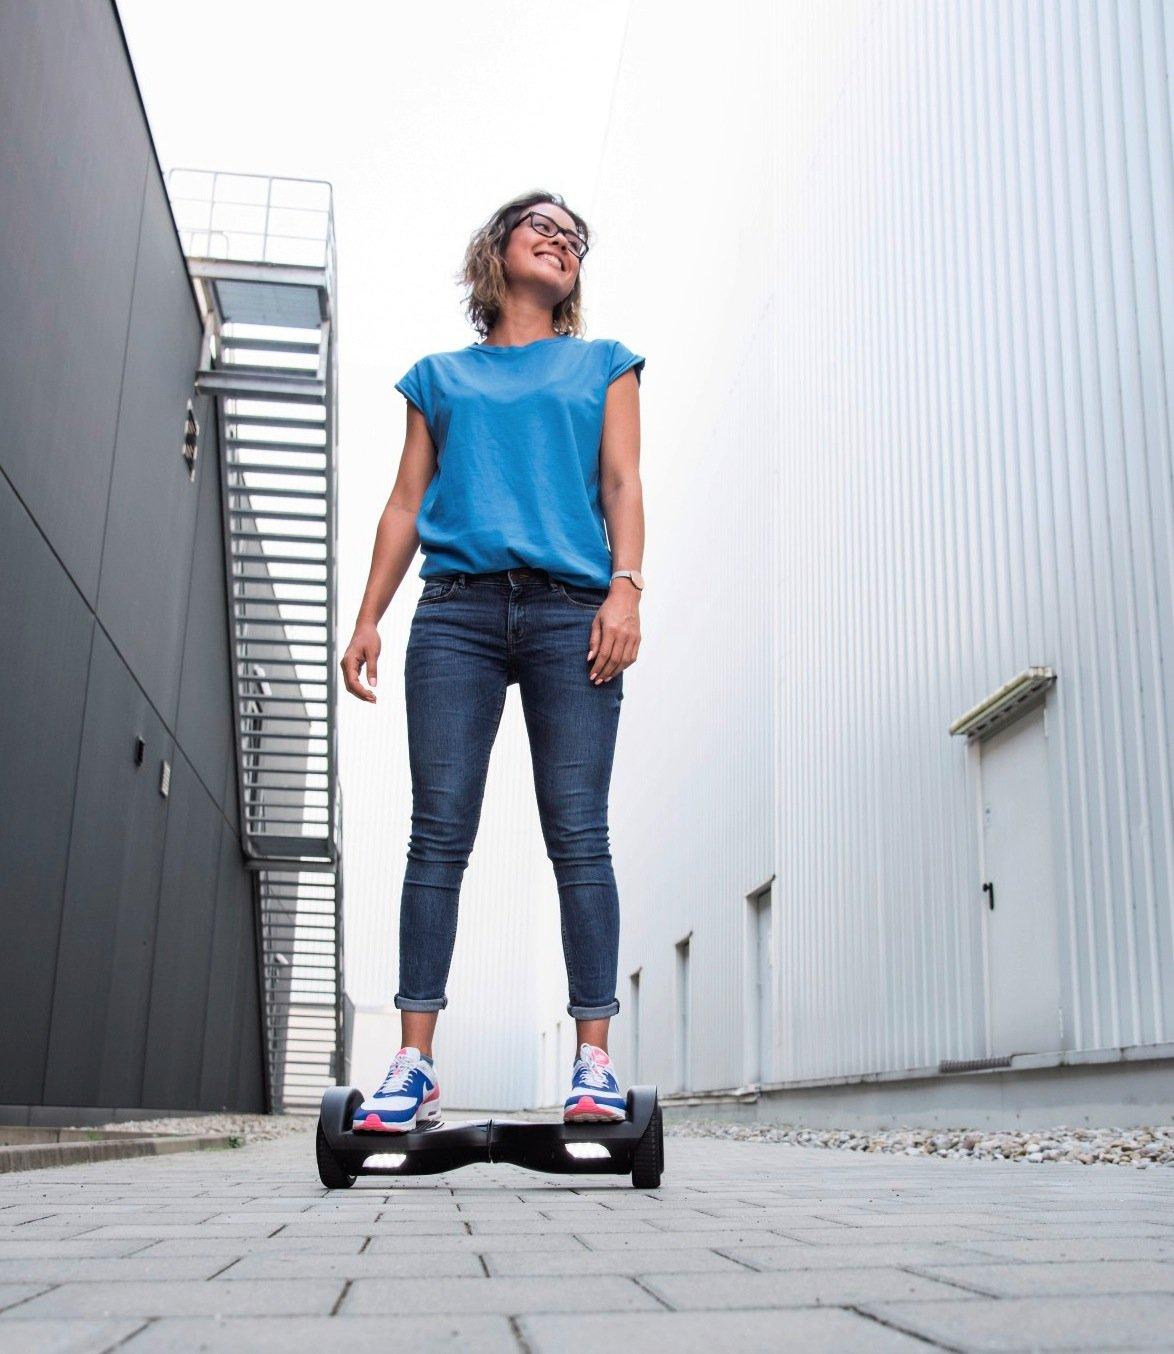 Die Hoverboards von Hama gibt es in zwei Varianten: Der Slalom-Cruiser im Bild ist etwas kompakter und mit seinen 16,5-Zentimeter-Reifen auf festem Untergrund wendiger als sein großer Bruder, der Cross-Cruiser.